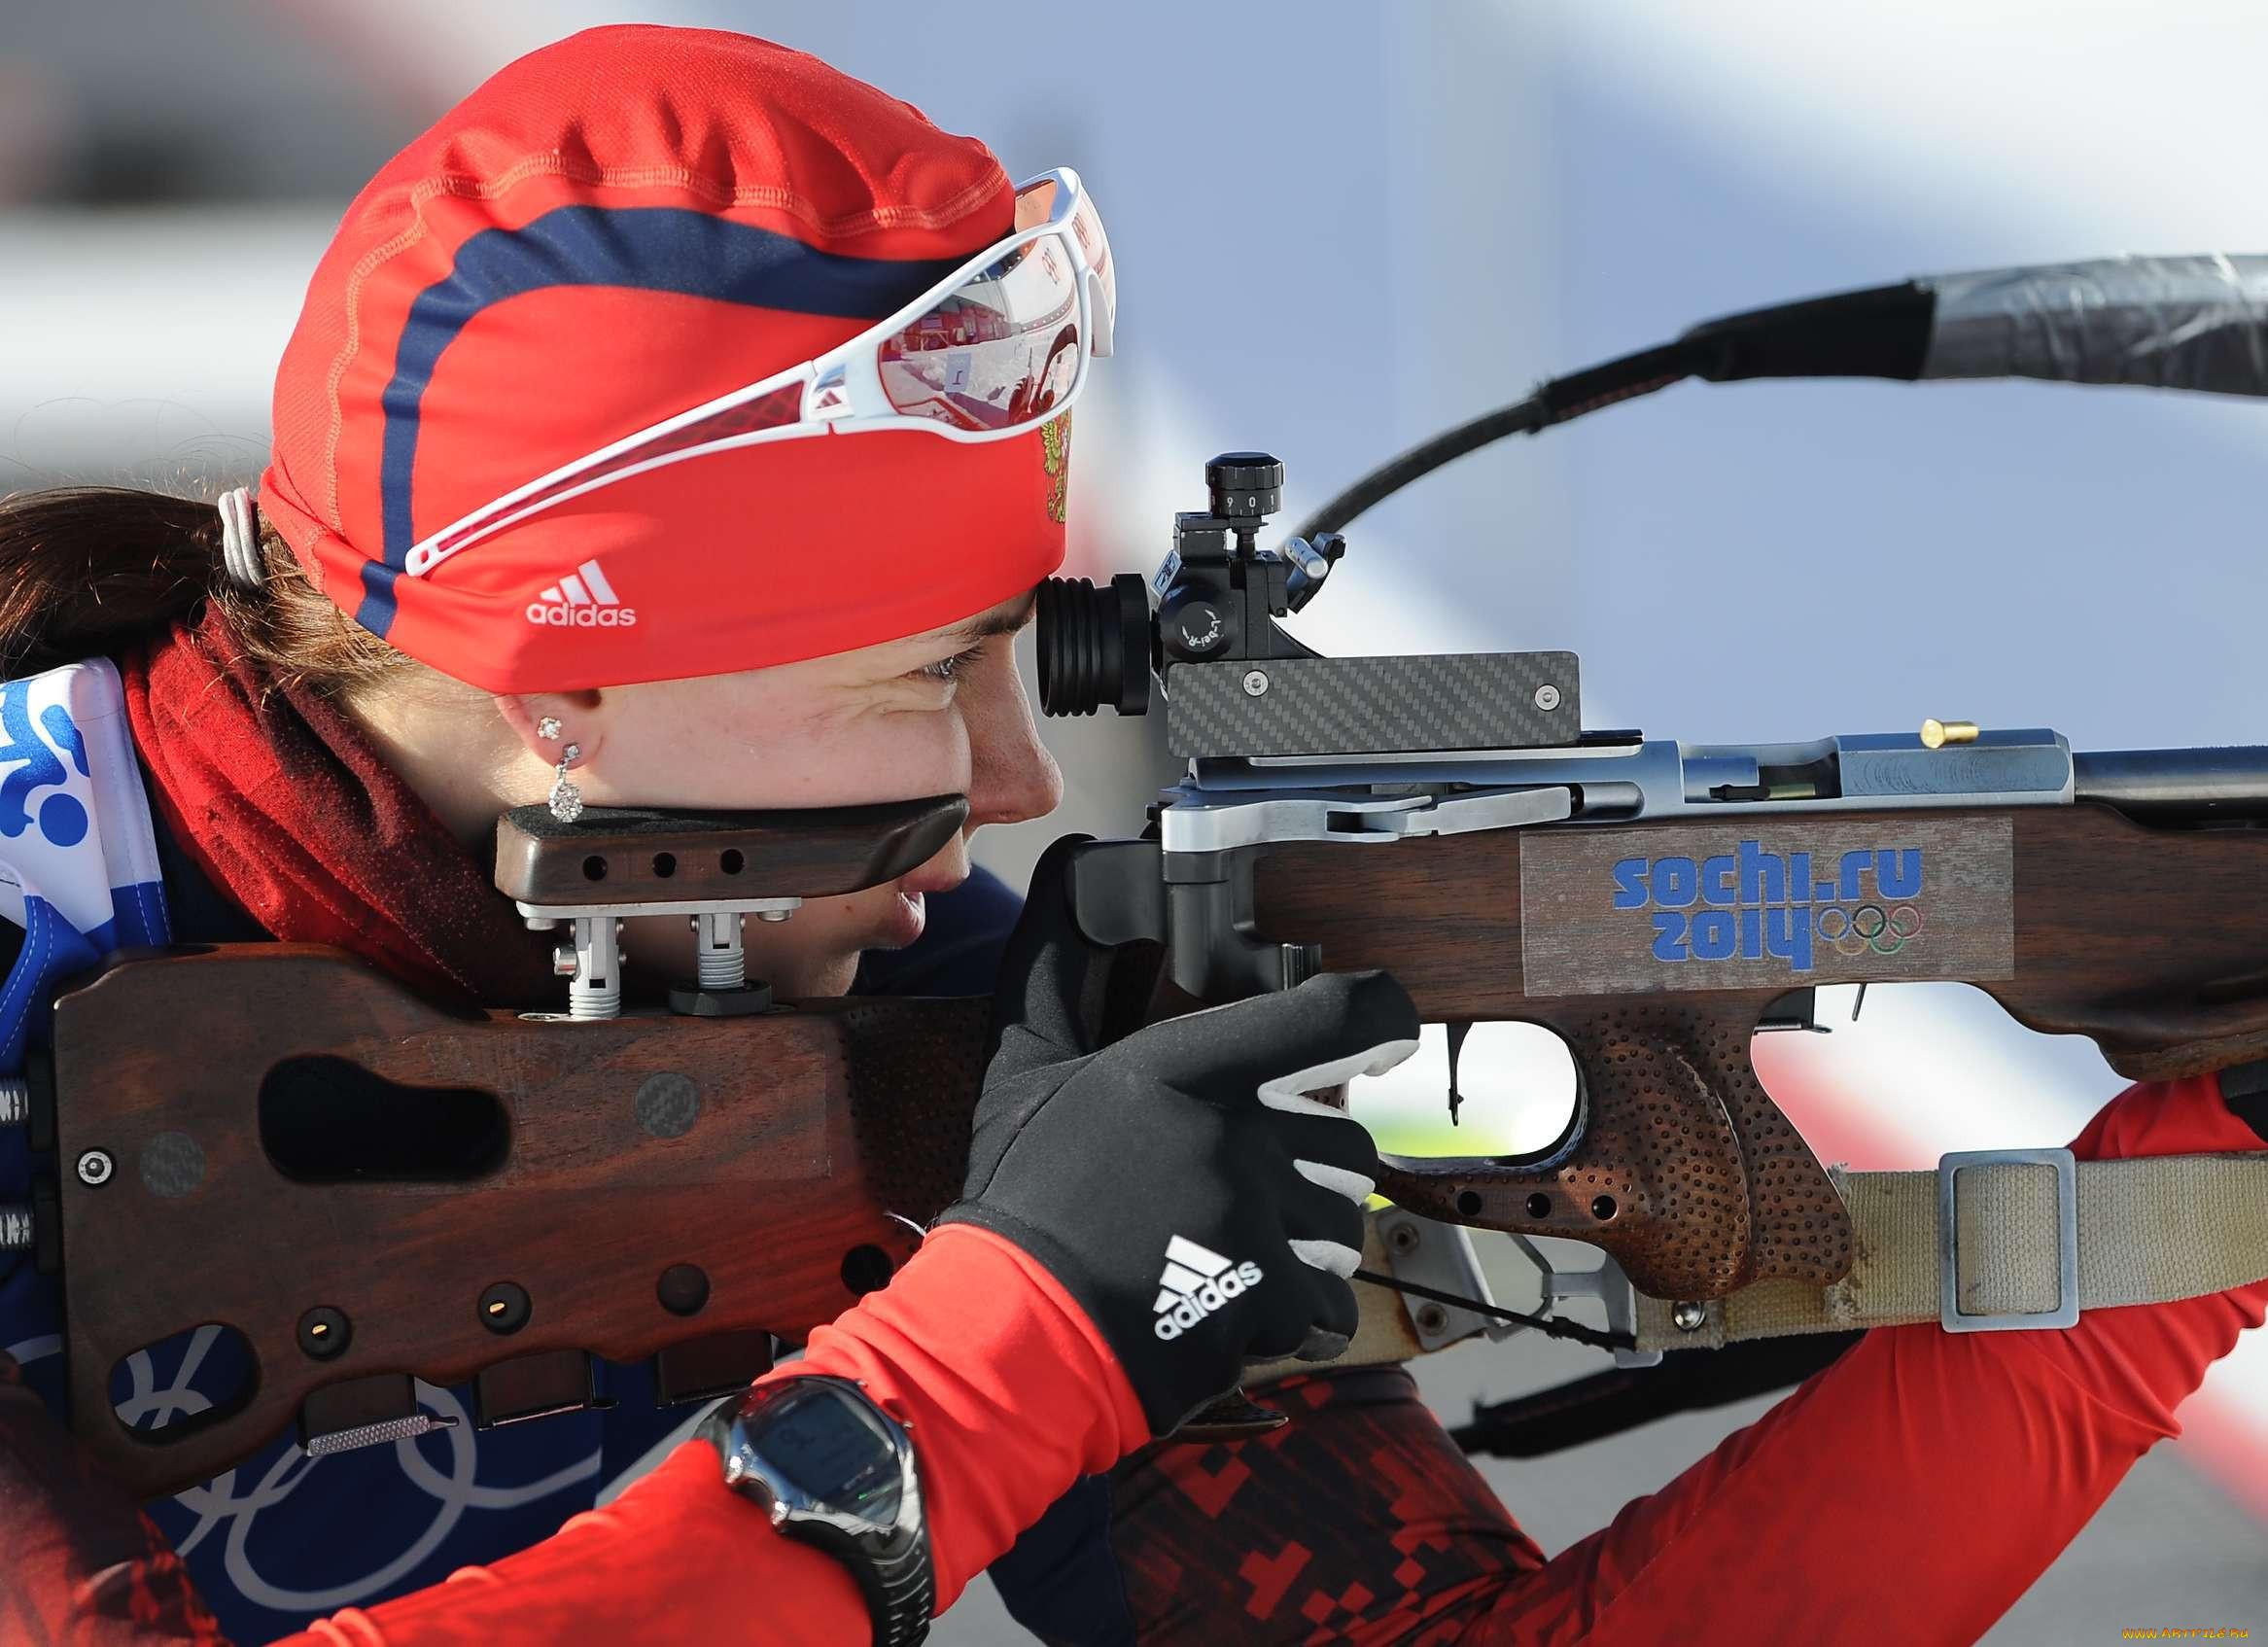 спорт, лыжный спорт, сочи, биатлон, винтовка, олимпиада, спортсменка, девушка, сосредоточенность, выстрел, оружие